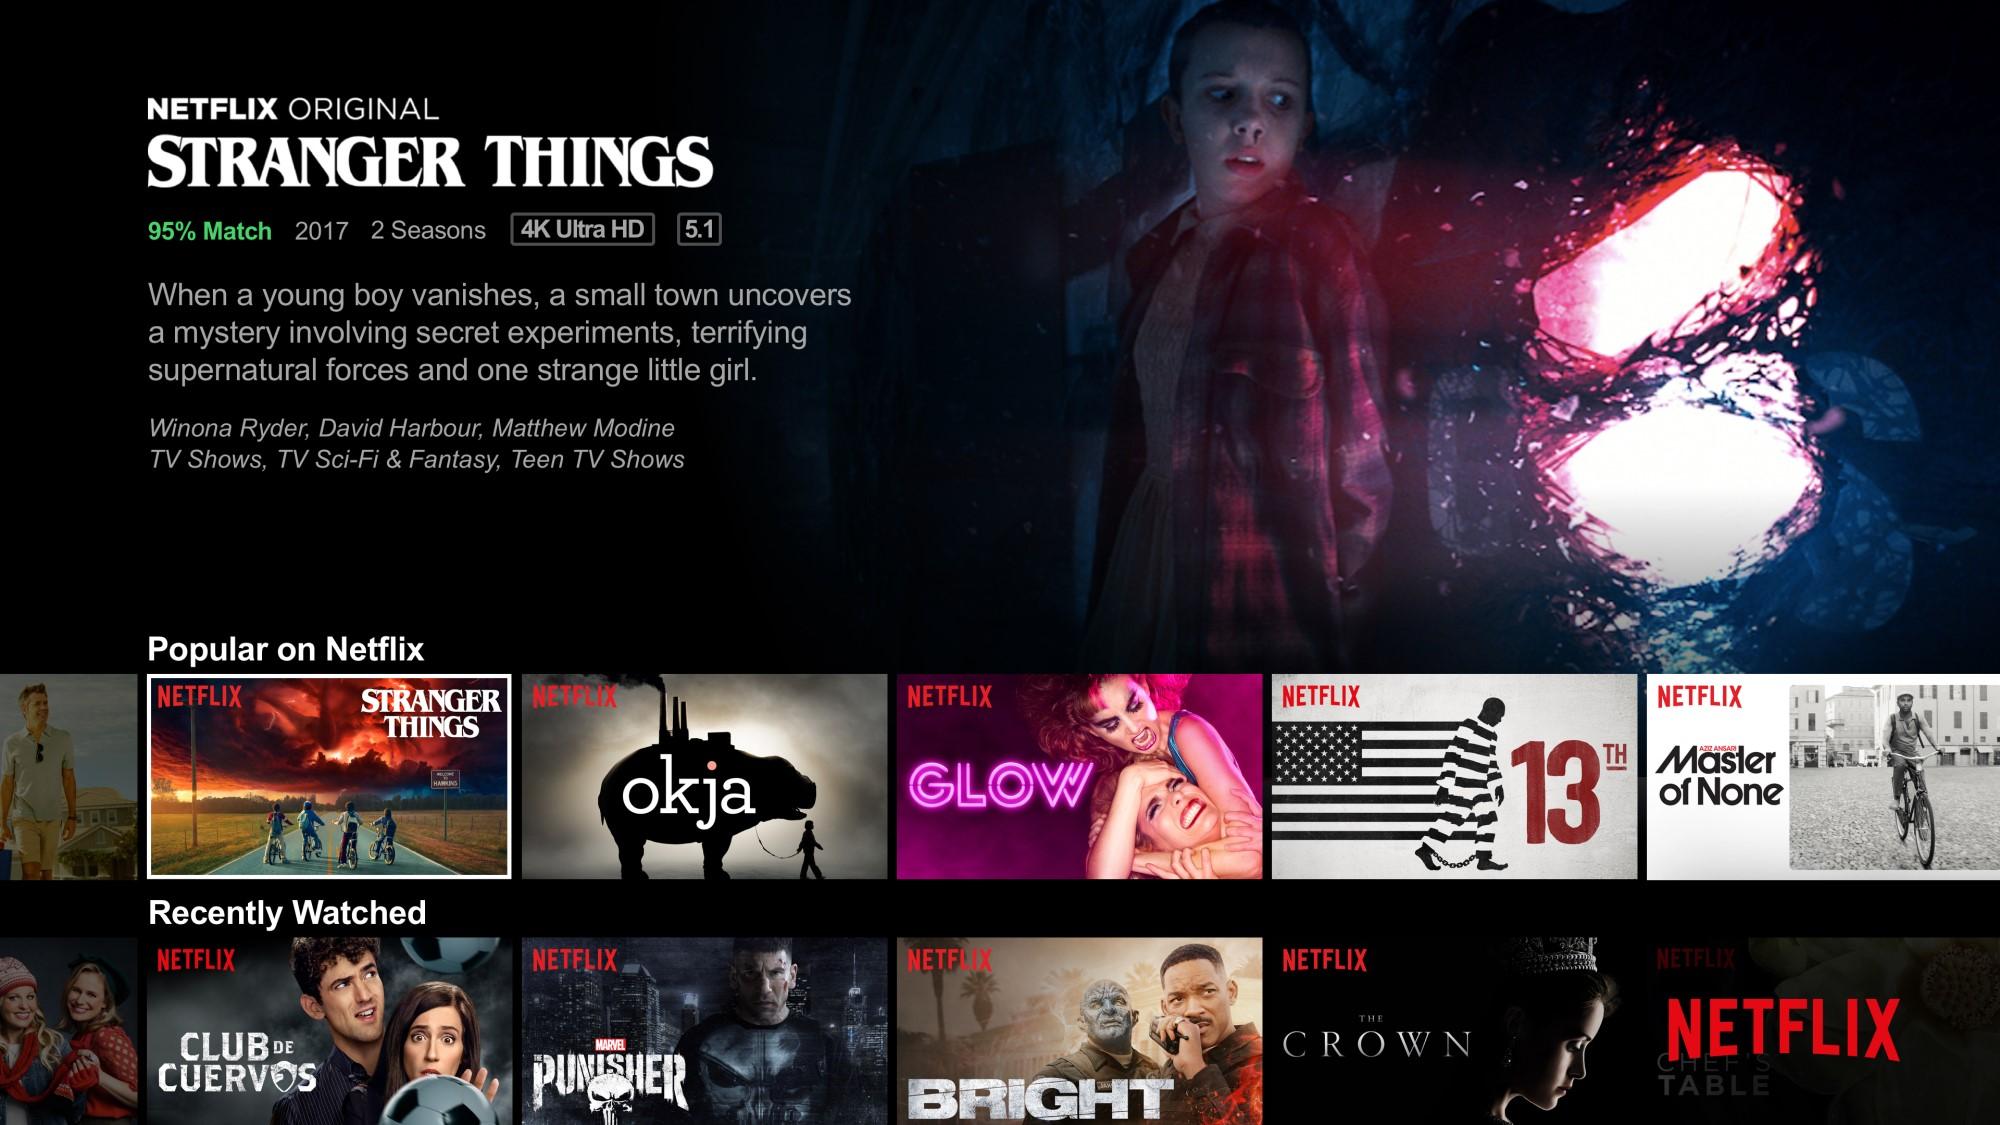 Netflix's user interface.